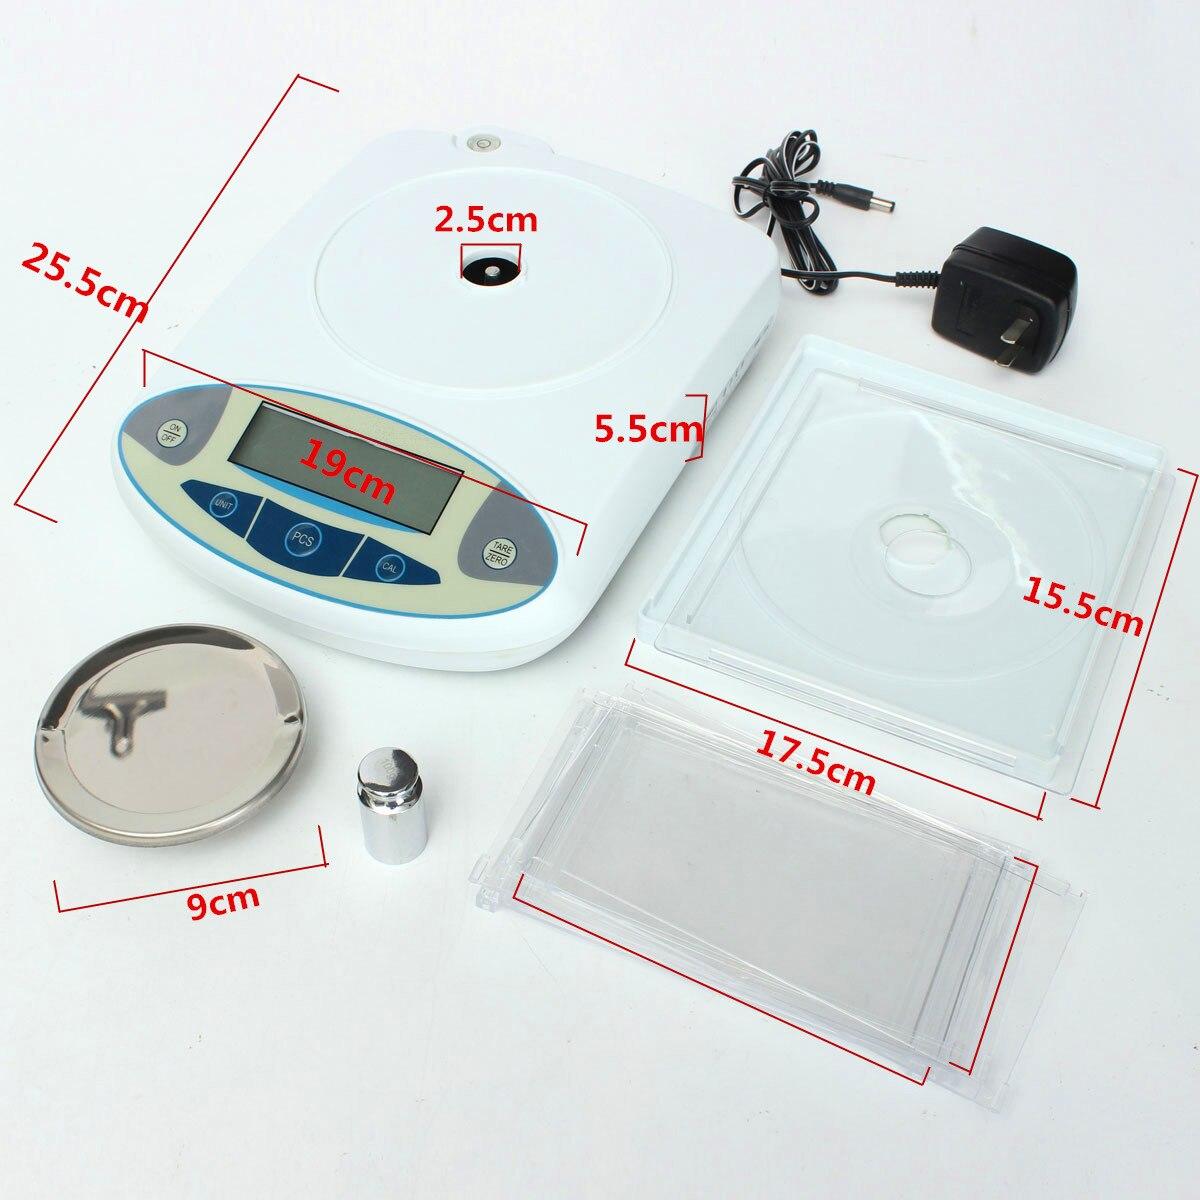 100x0.001g 1mg numérique LCD laboratoire laboratoire Balance analytique électronique bijoux Balance Mini Portable Balance de poids 100g - 6